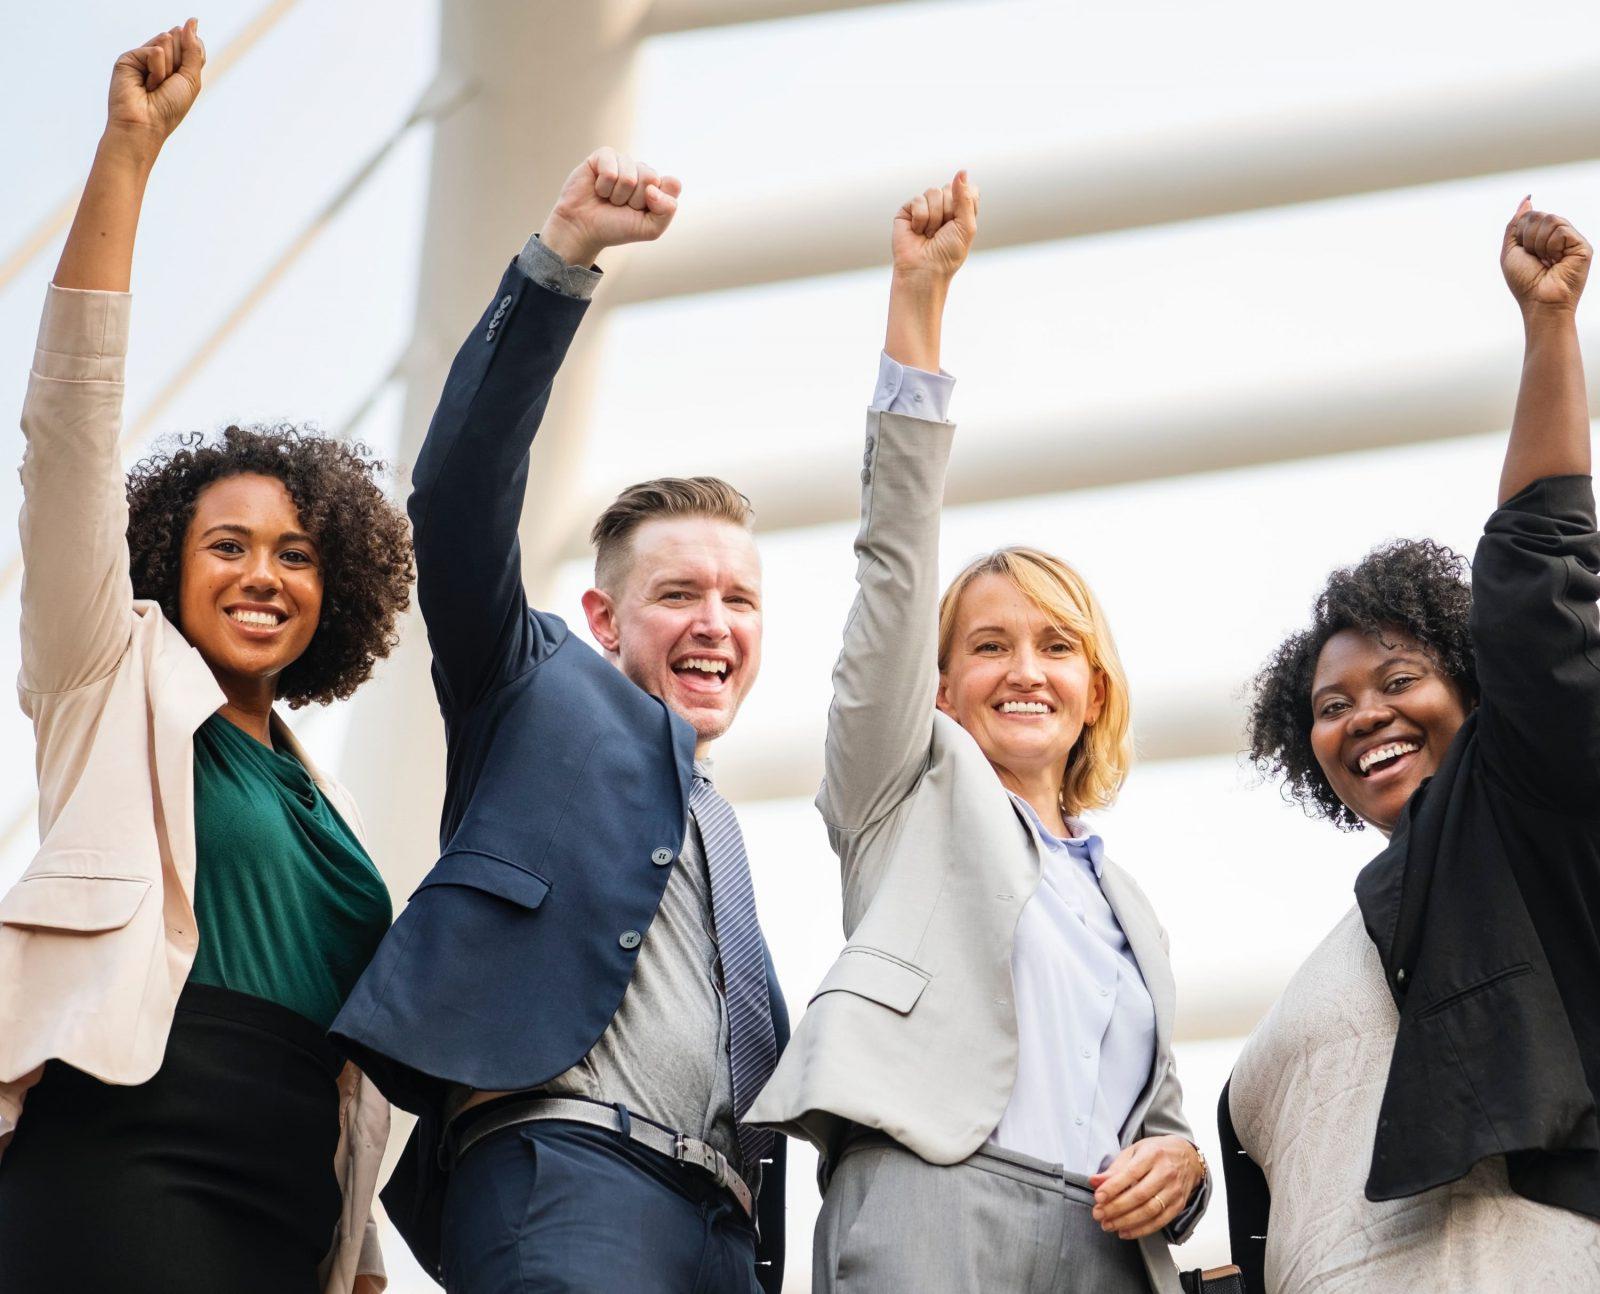 samenwerken. 4 juichende mensen